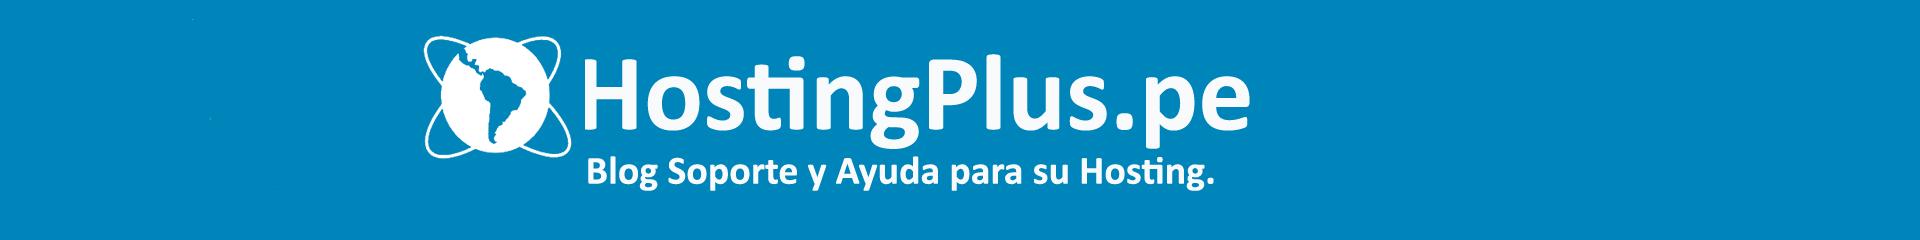 blog de Ayuda y soporte hostingplus.pe